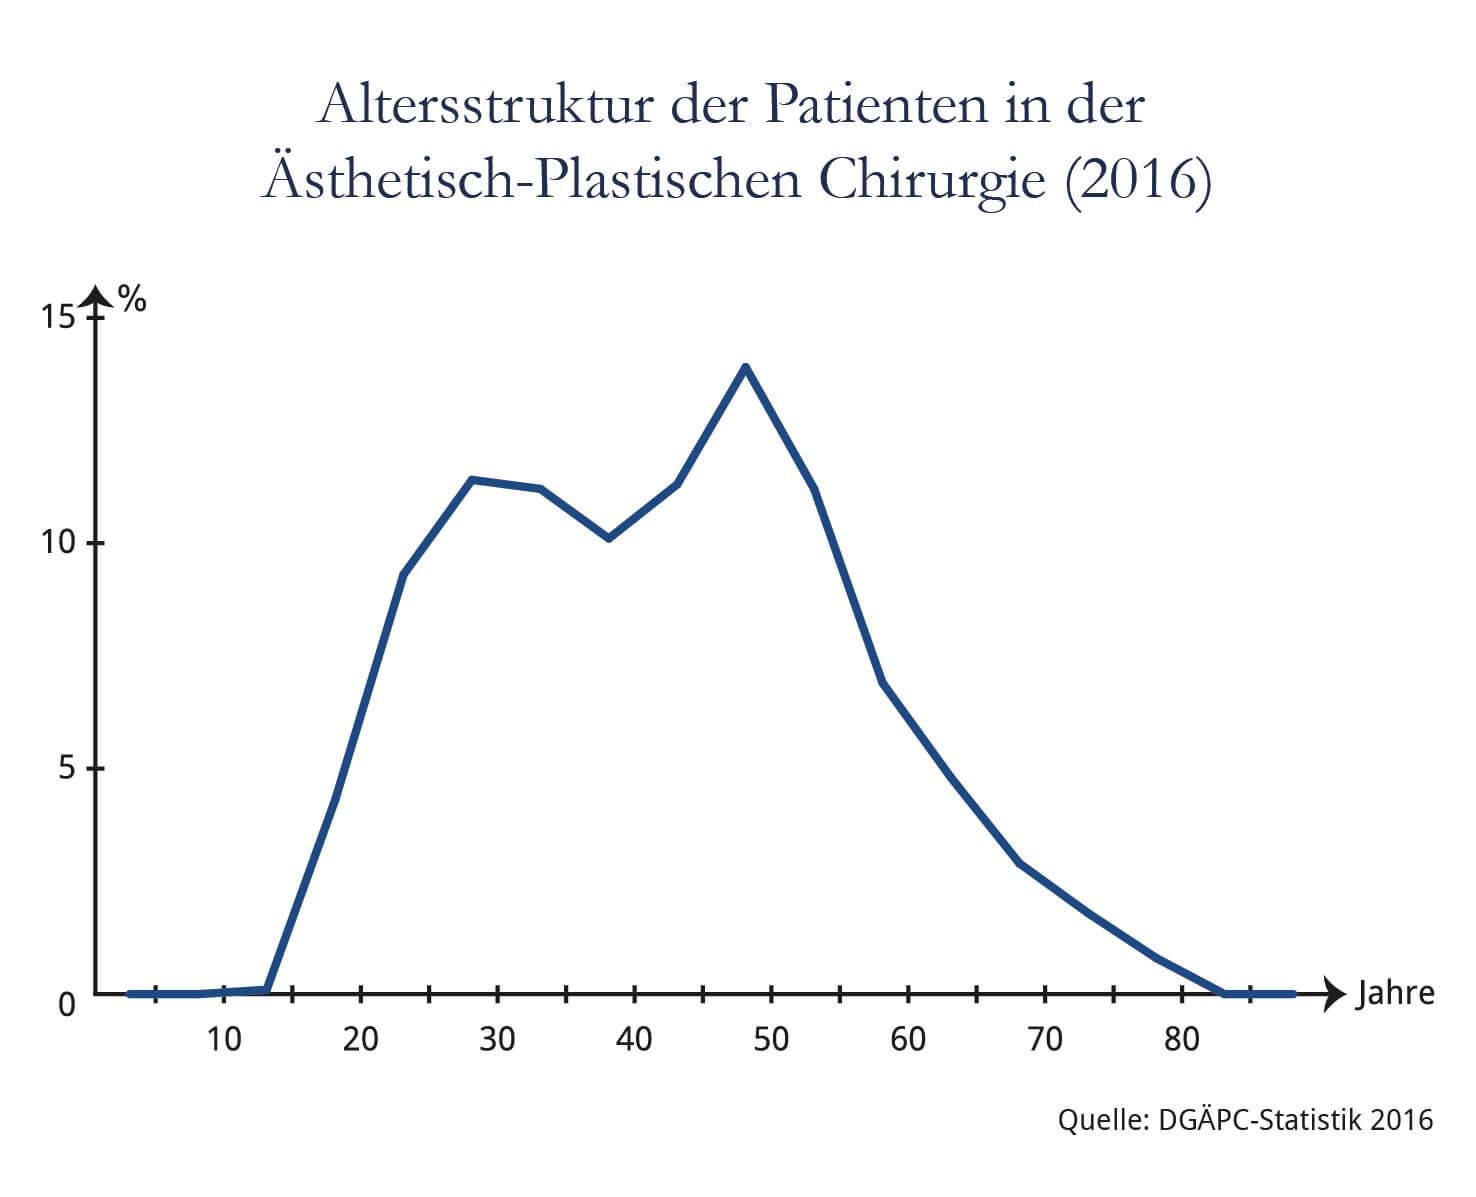 Altersverteilung Patienten in der Ästhetisch-Plastischen Chirurgie